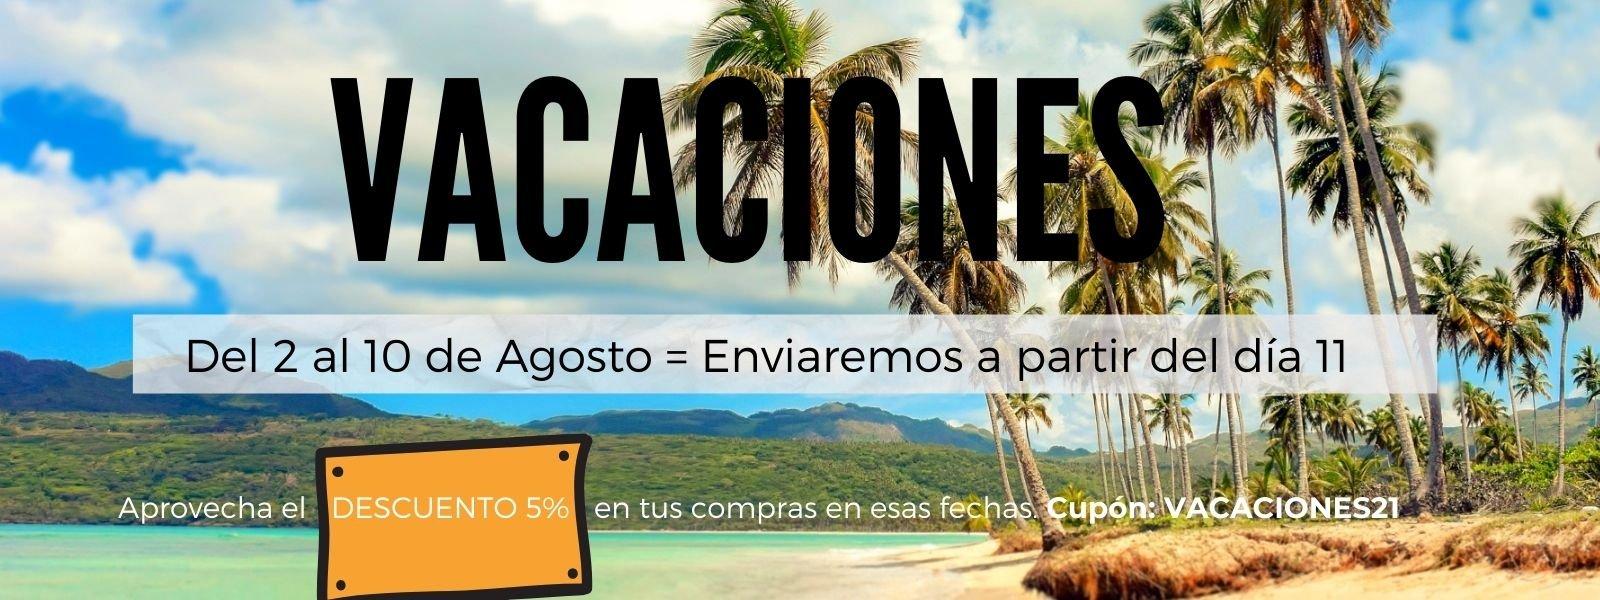 Vacaciones 2021.jpg